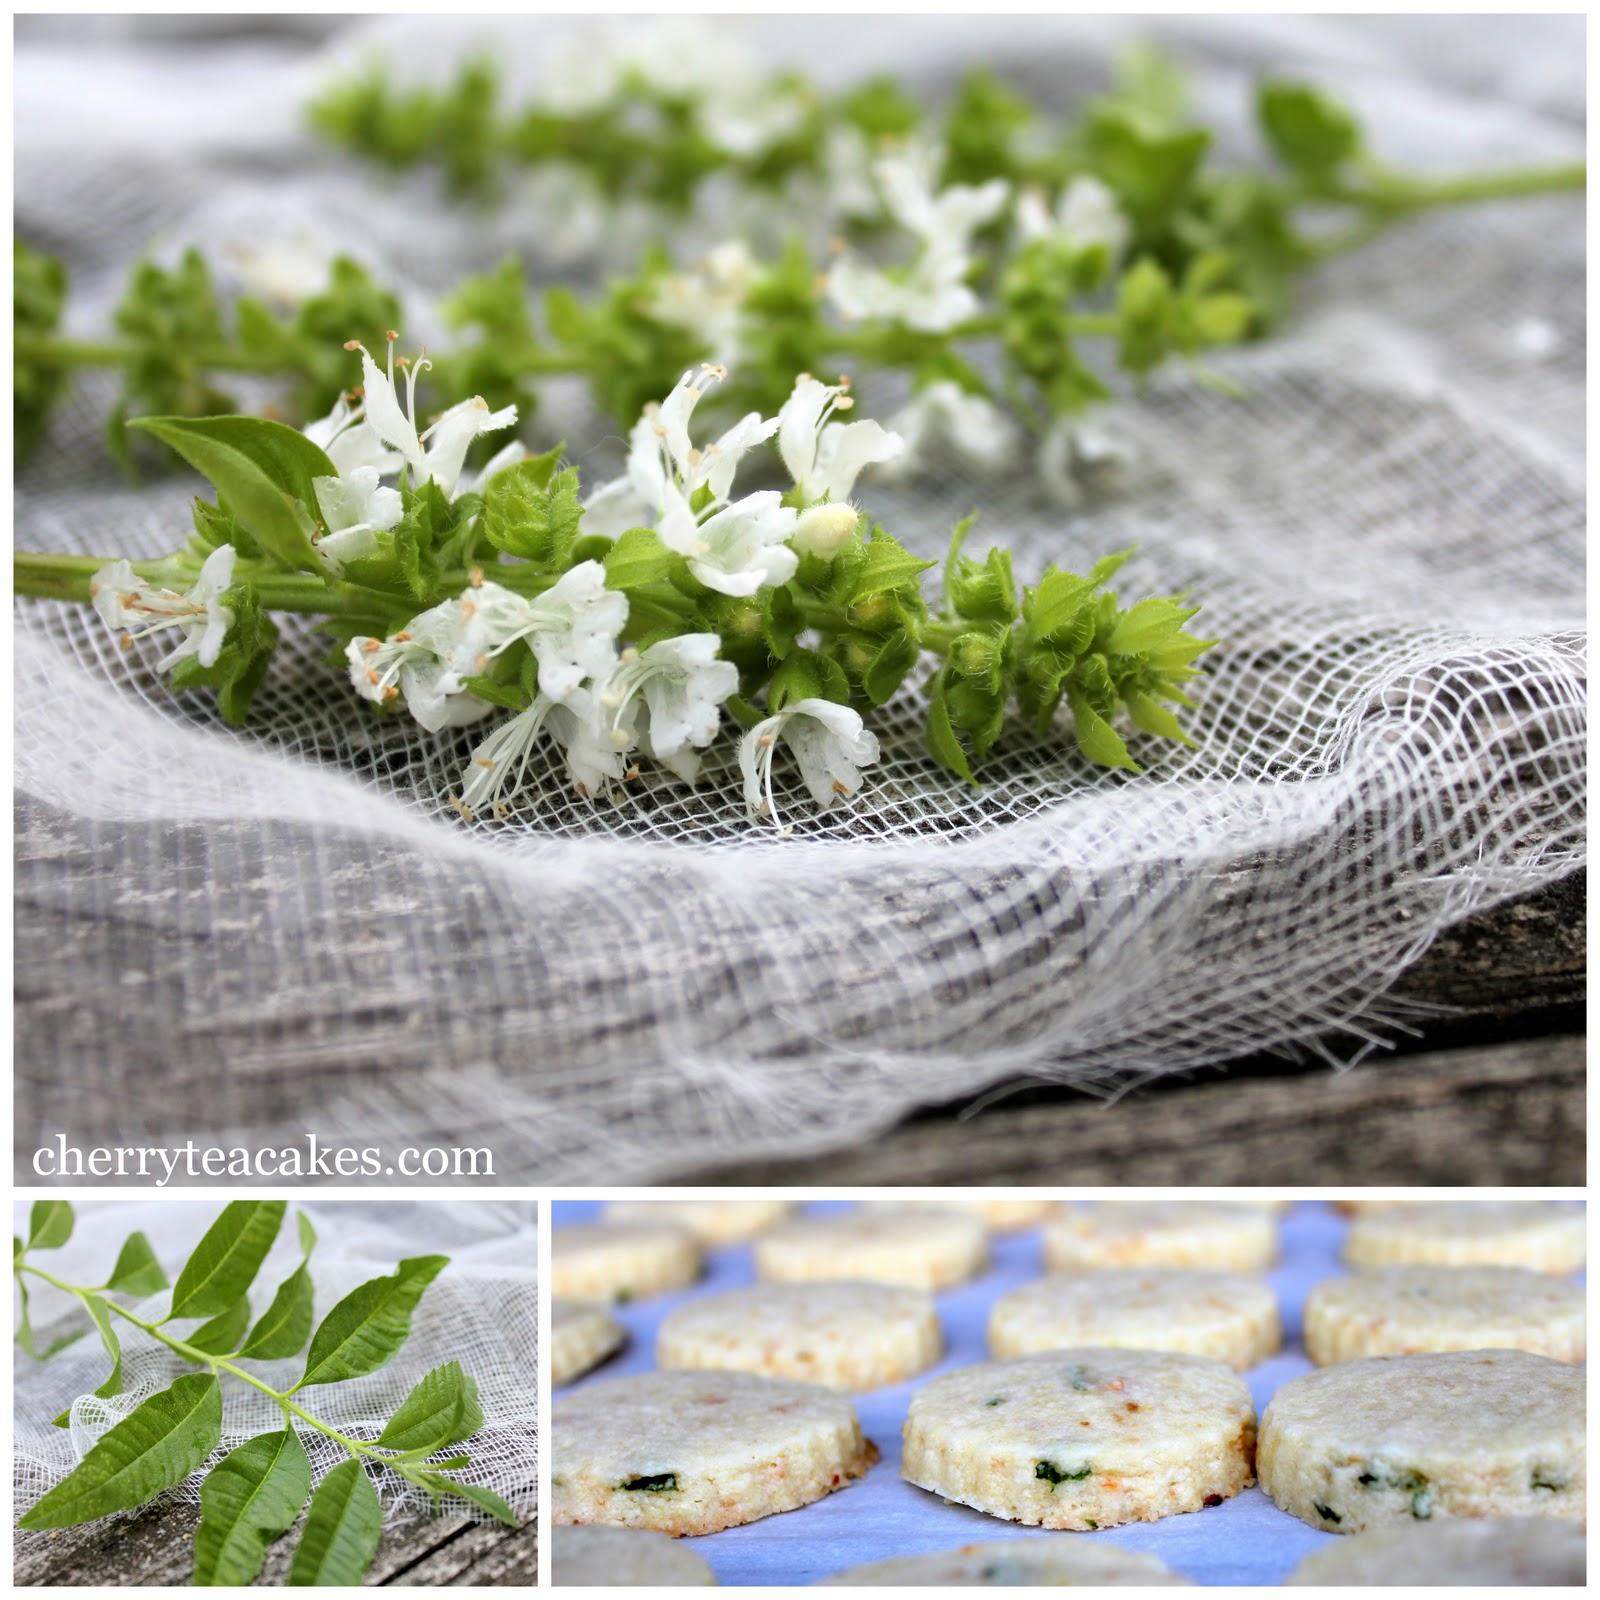 basil flowers, lemon verbena and lemon basil shortbread cookies